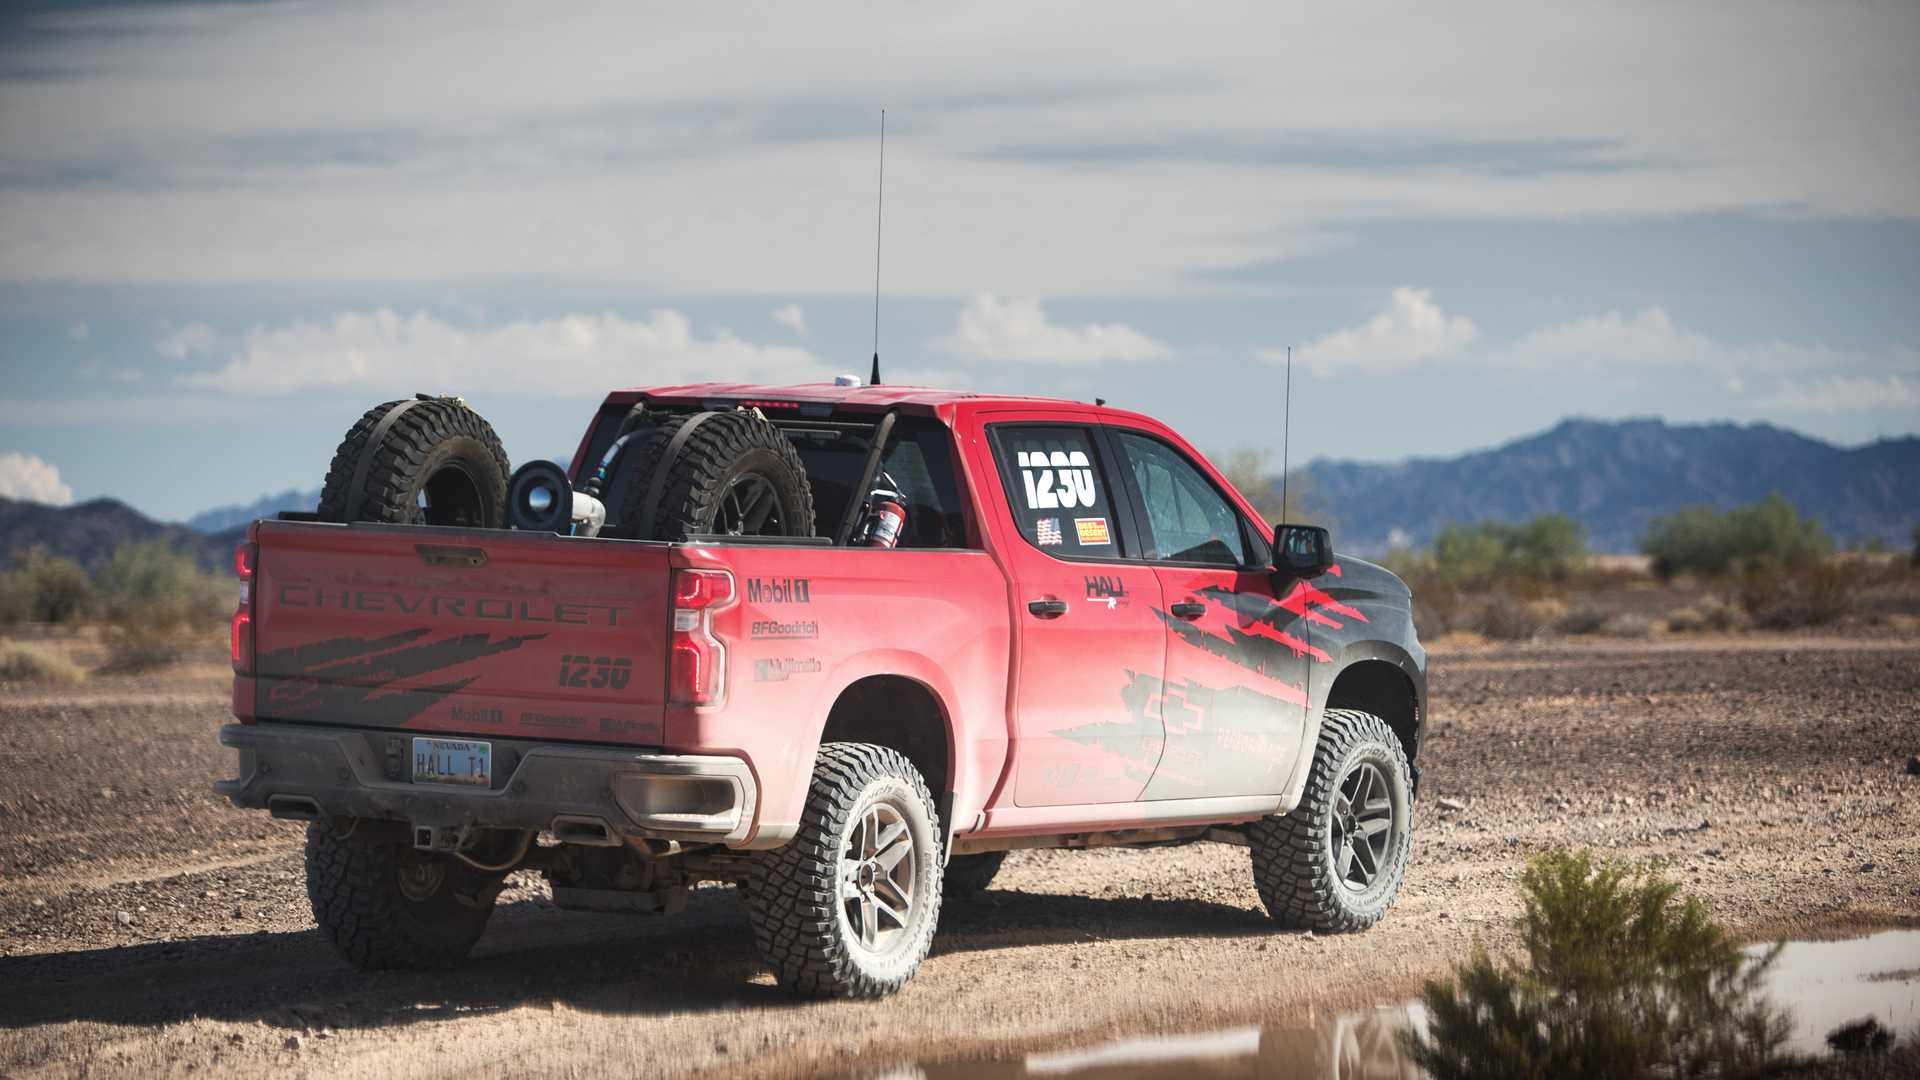 Chevy-Silverado-off-road-2 Chevy Silverado este gata pentru ZR2?